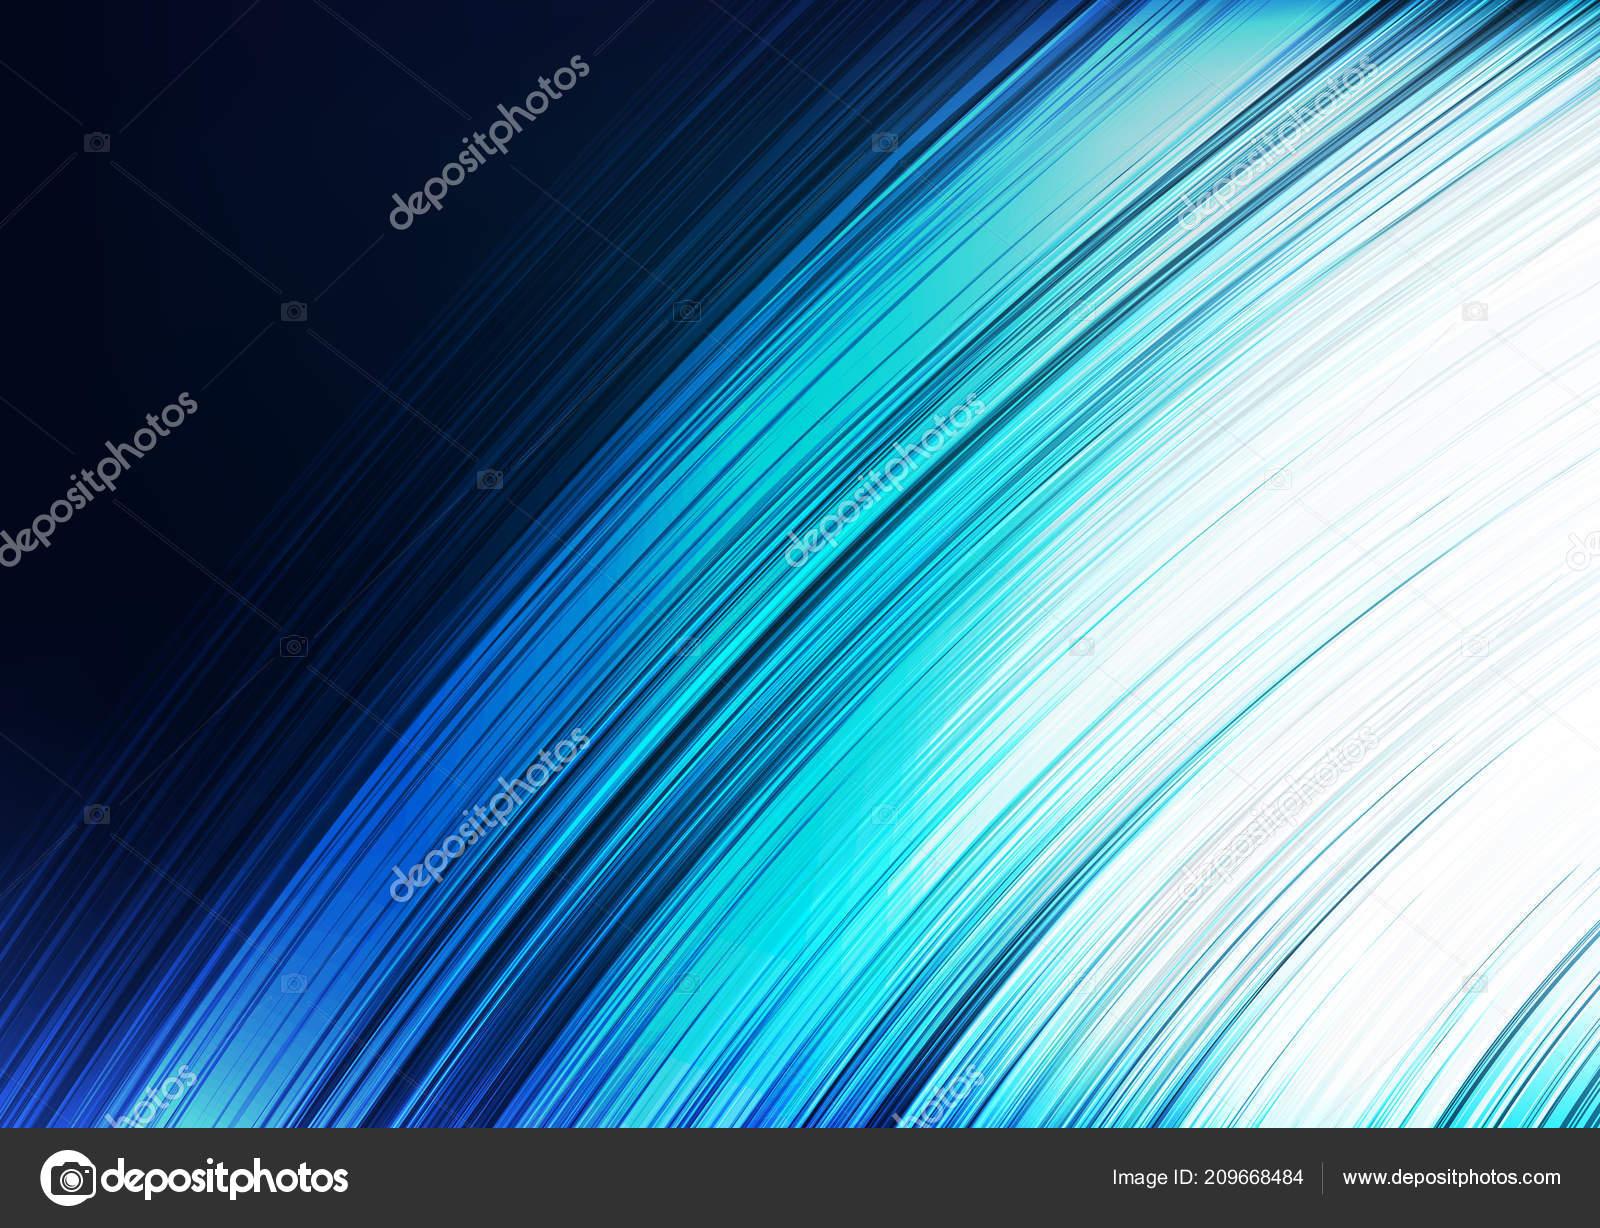 Kurve Light Blue Abstract Background Line Und Schnelle